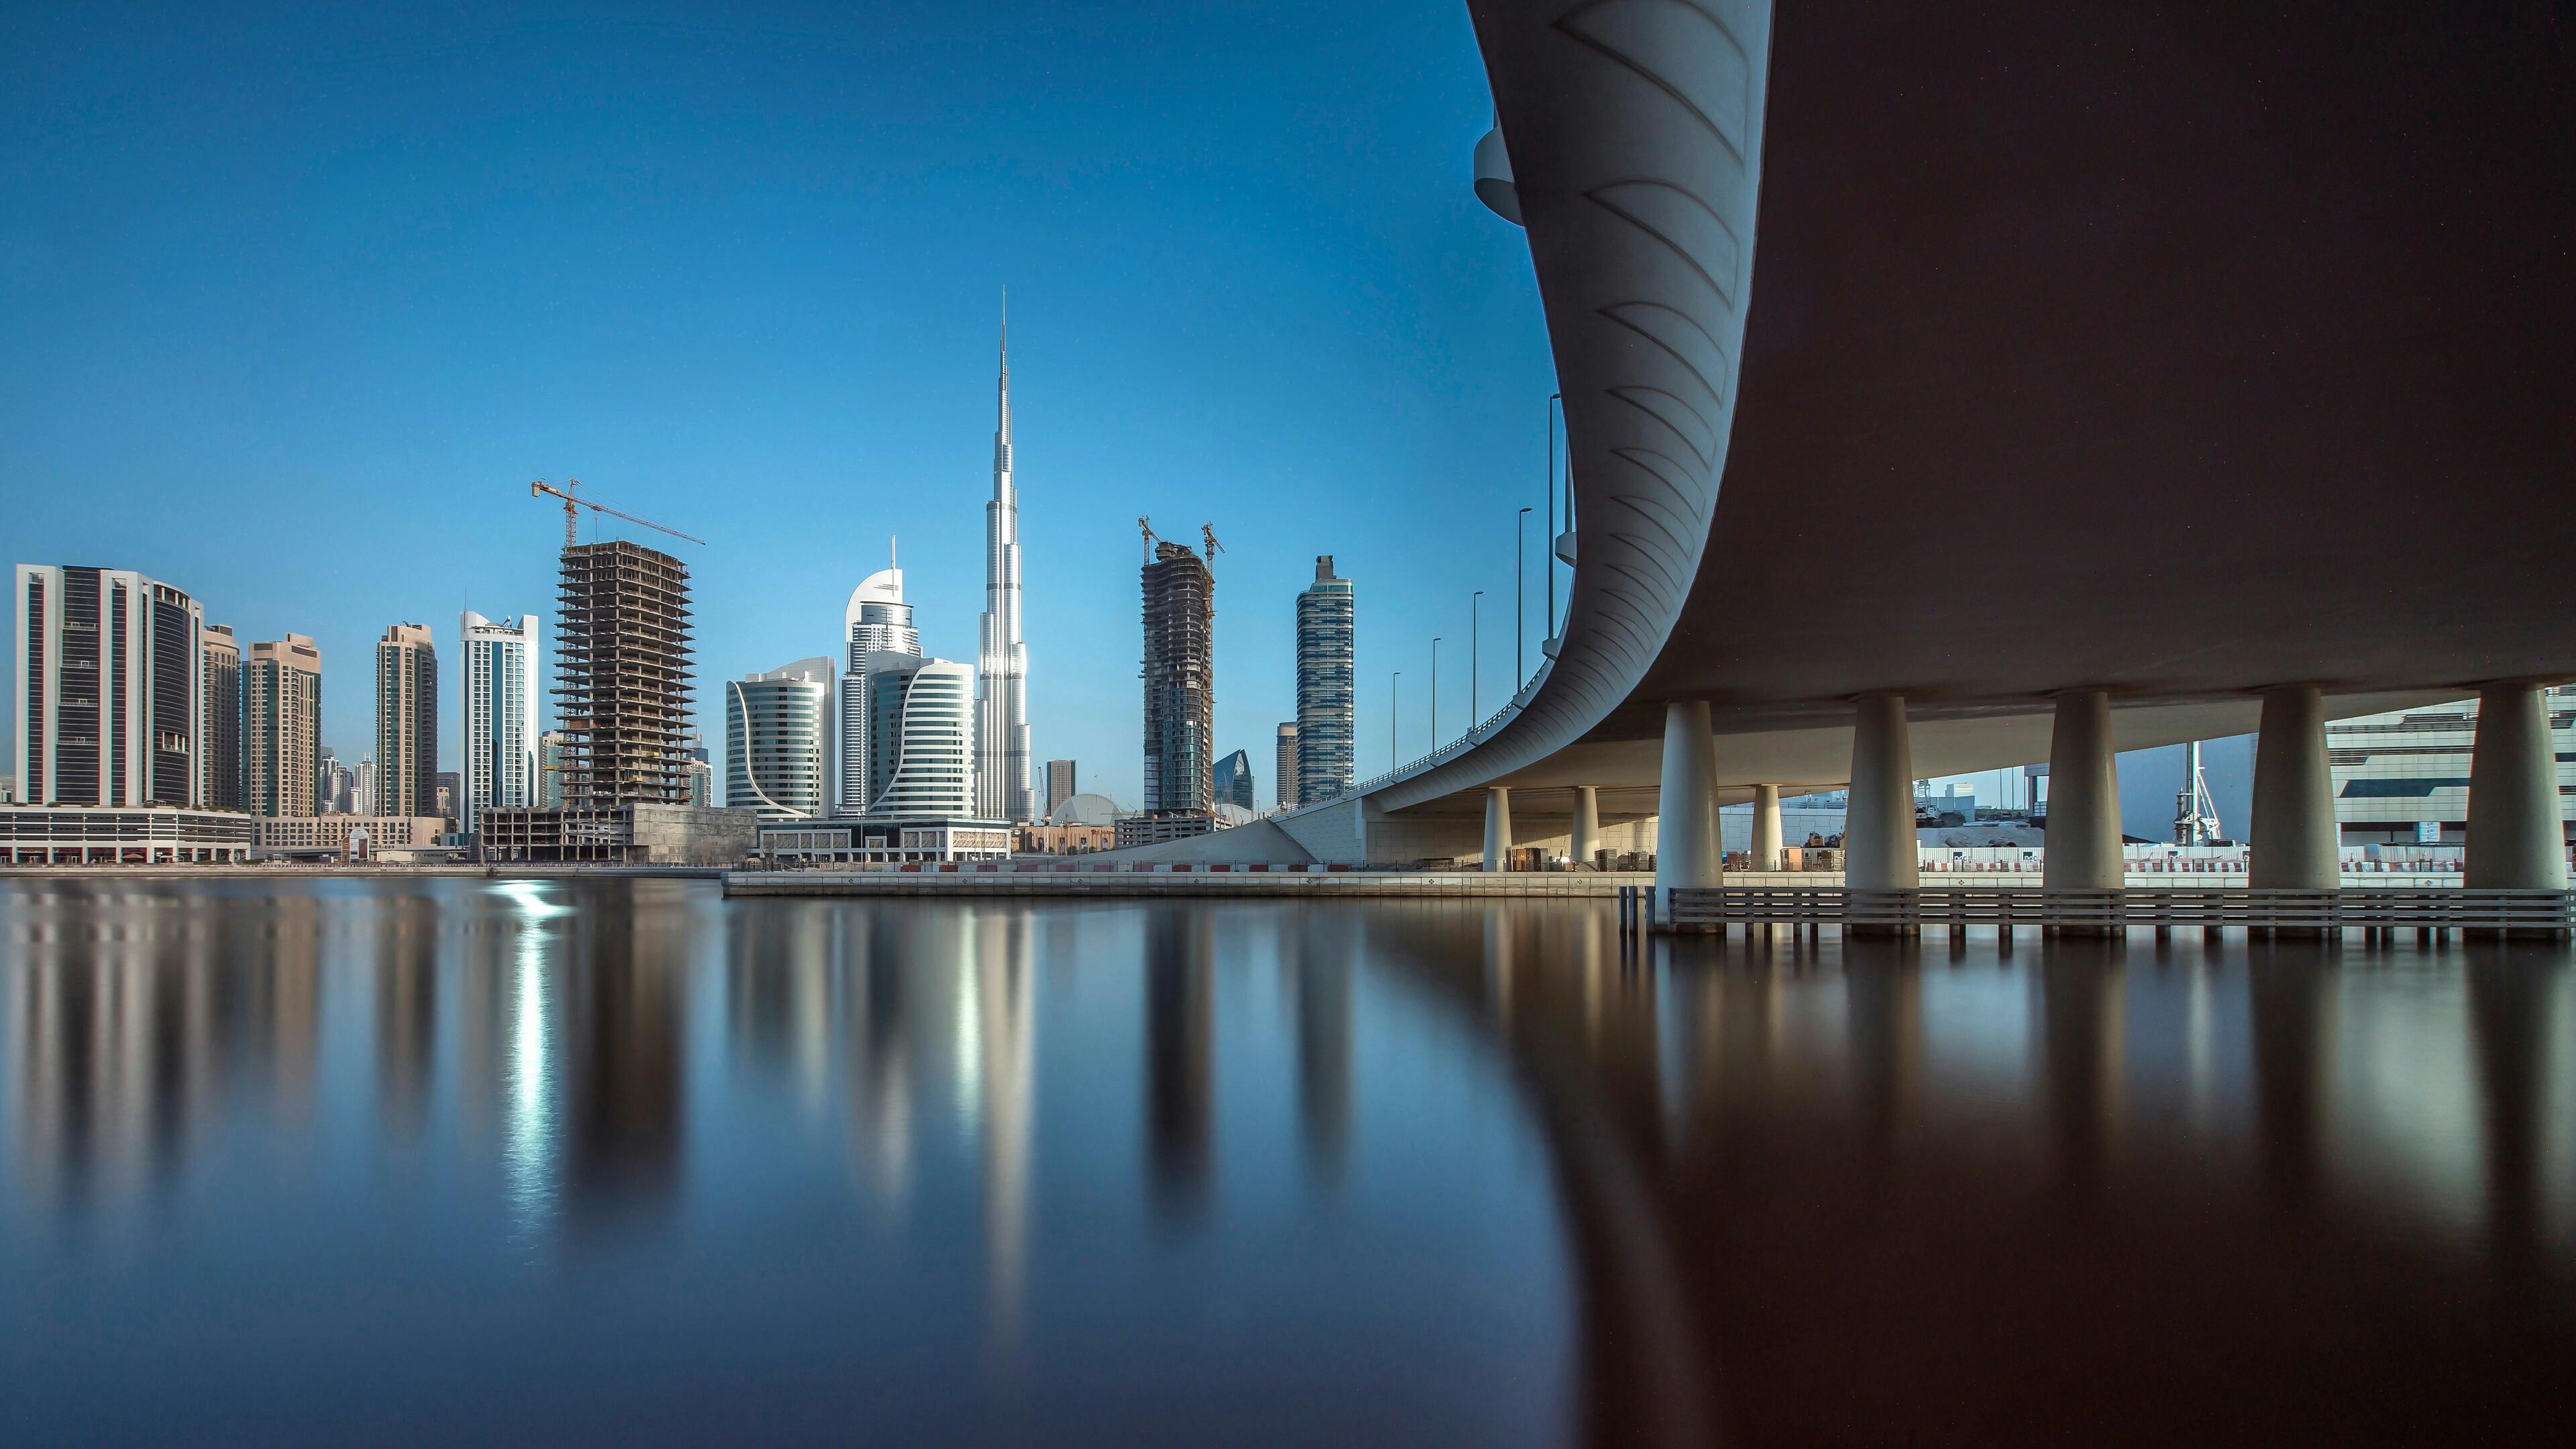 Архитектурный стиль зданий у морской набережной и оригинального моста